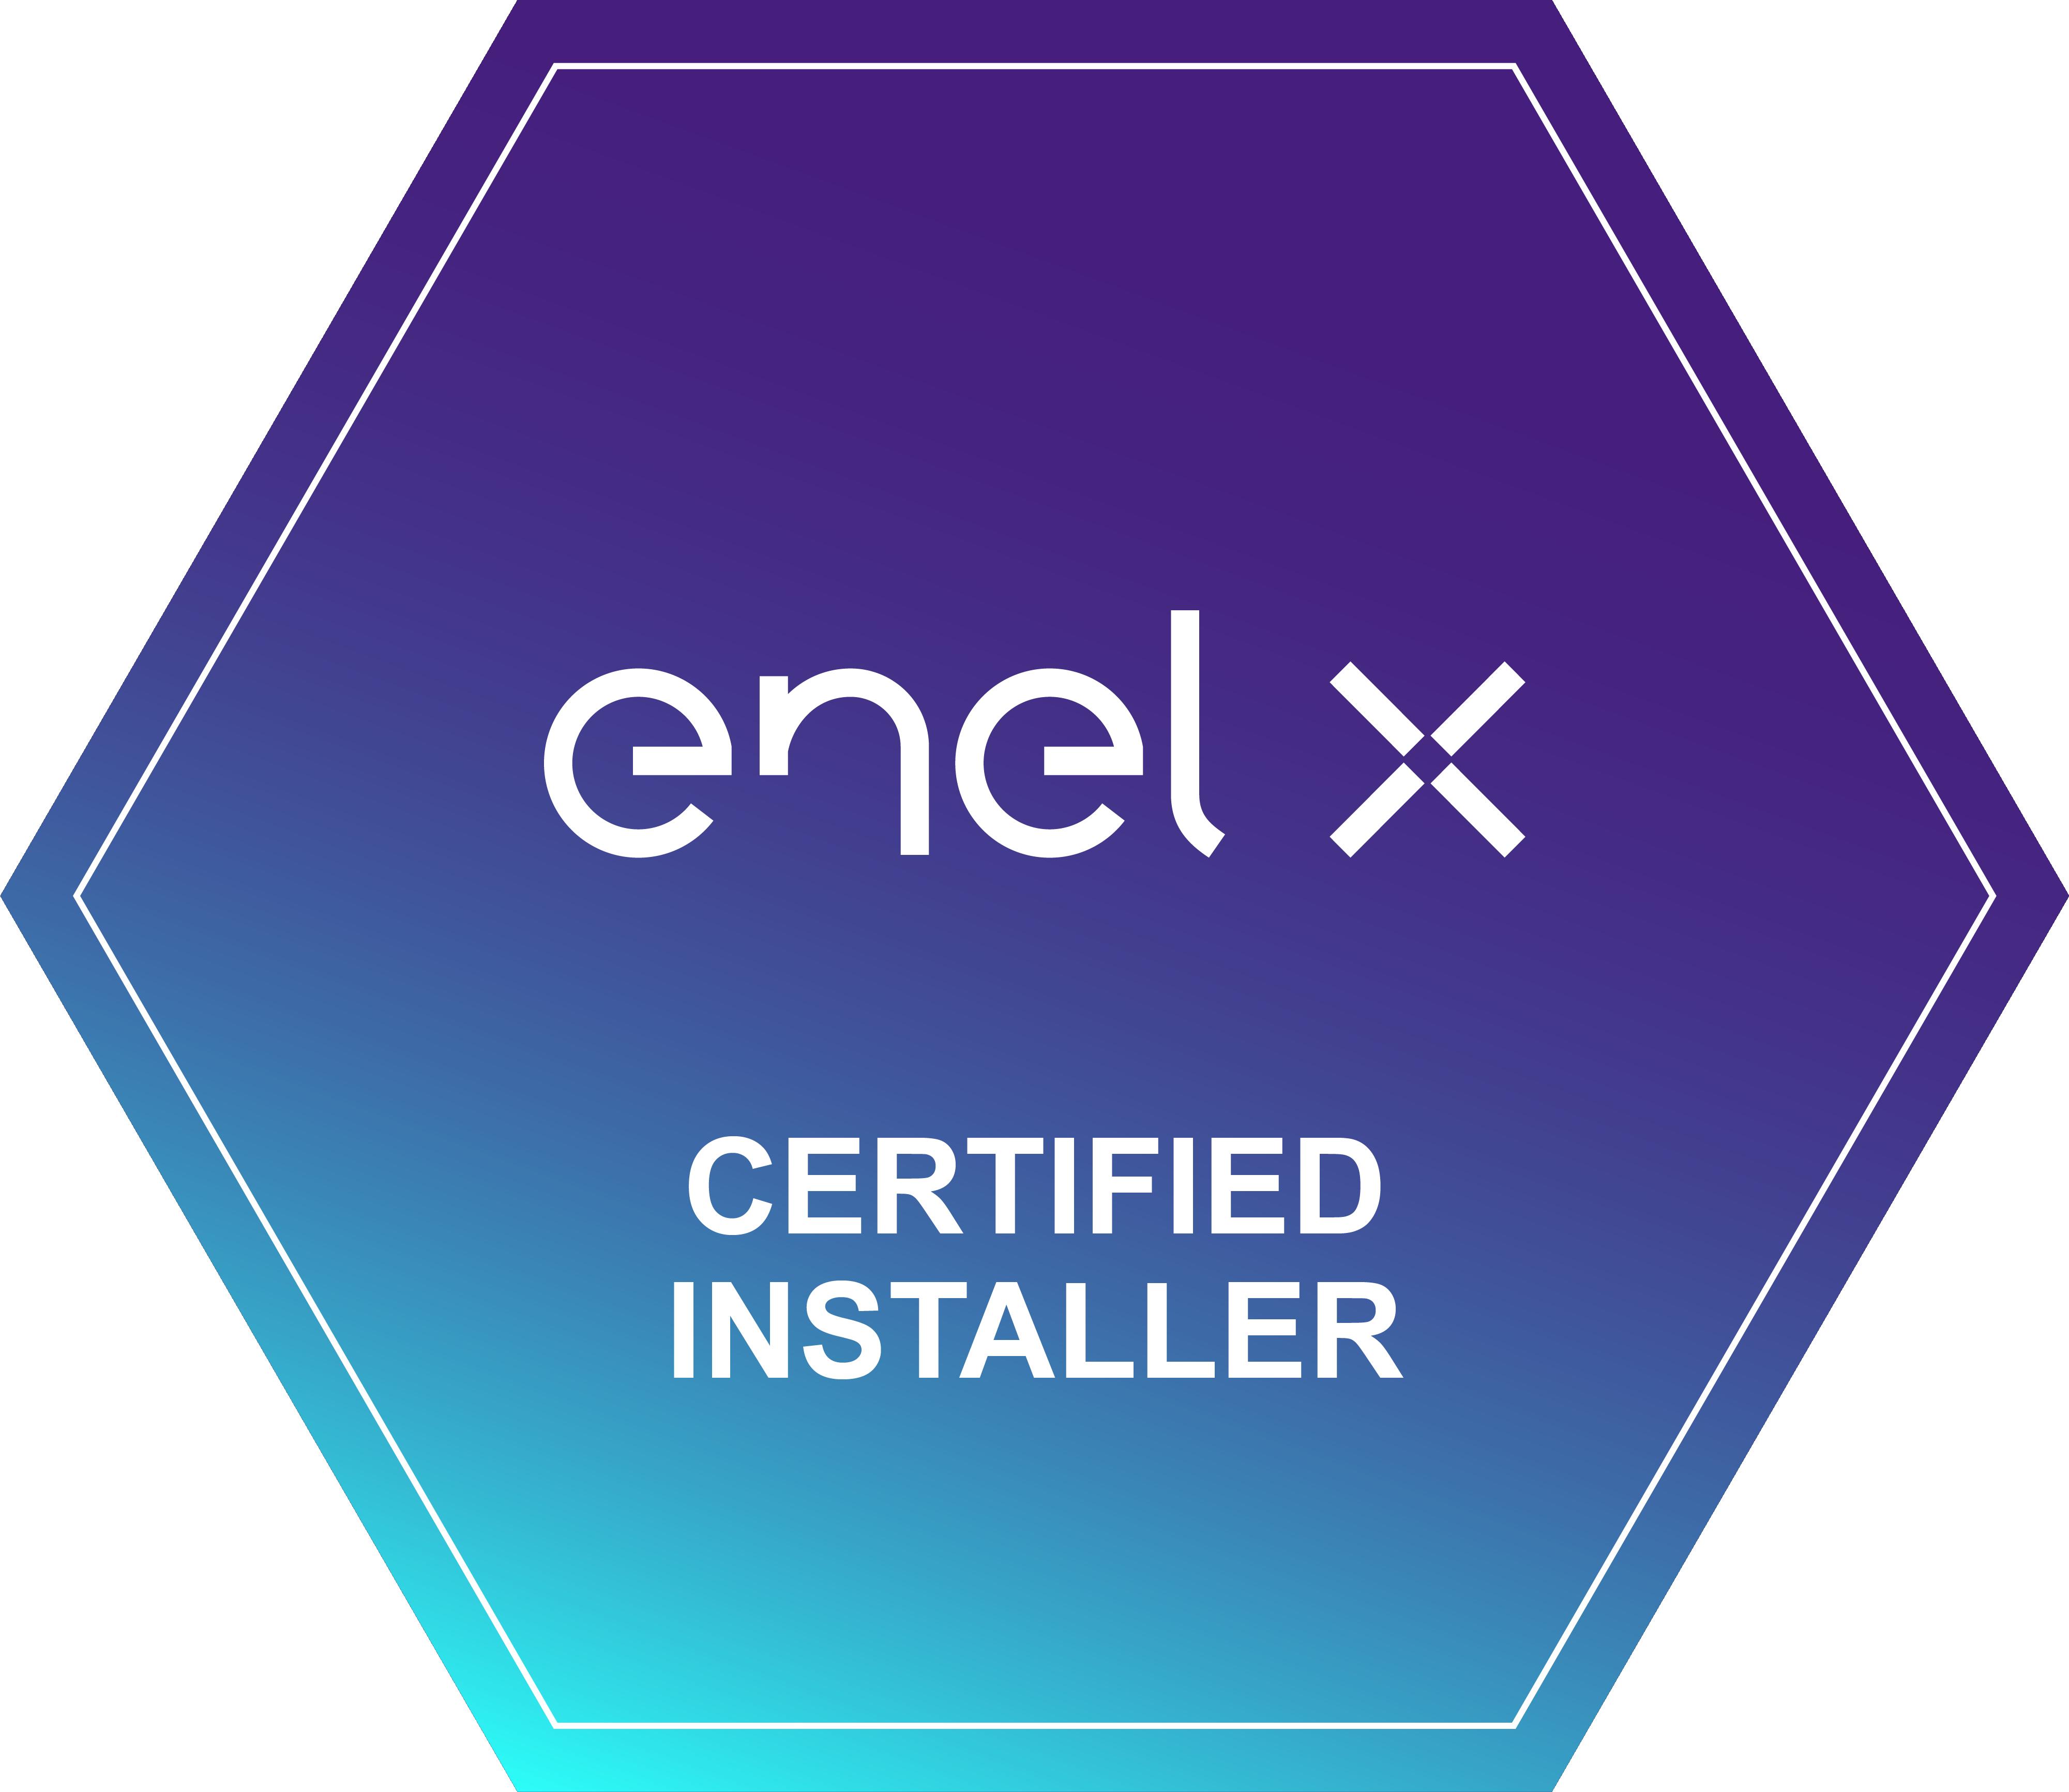 ENELX Certified